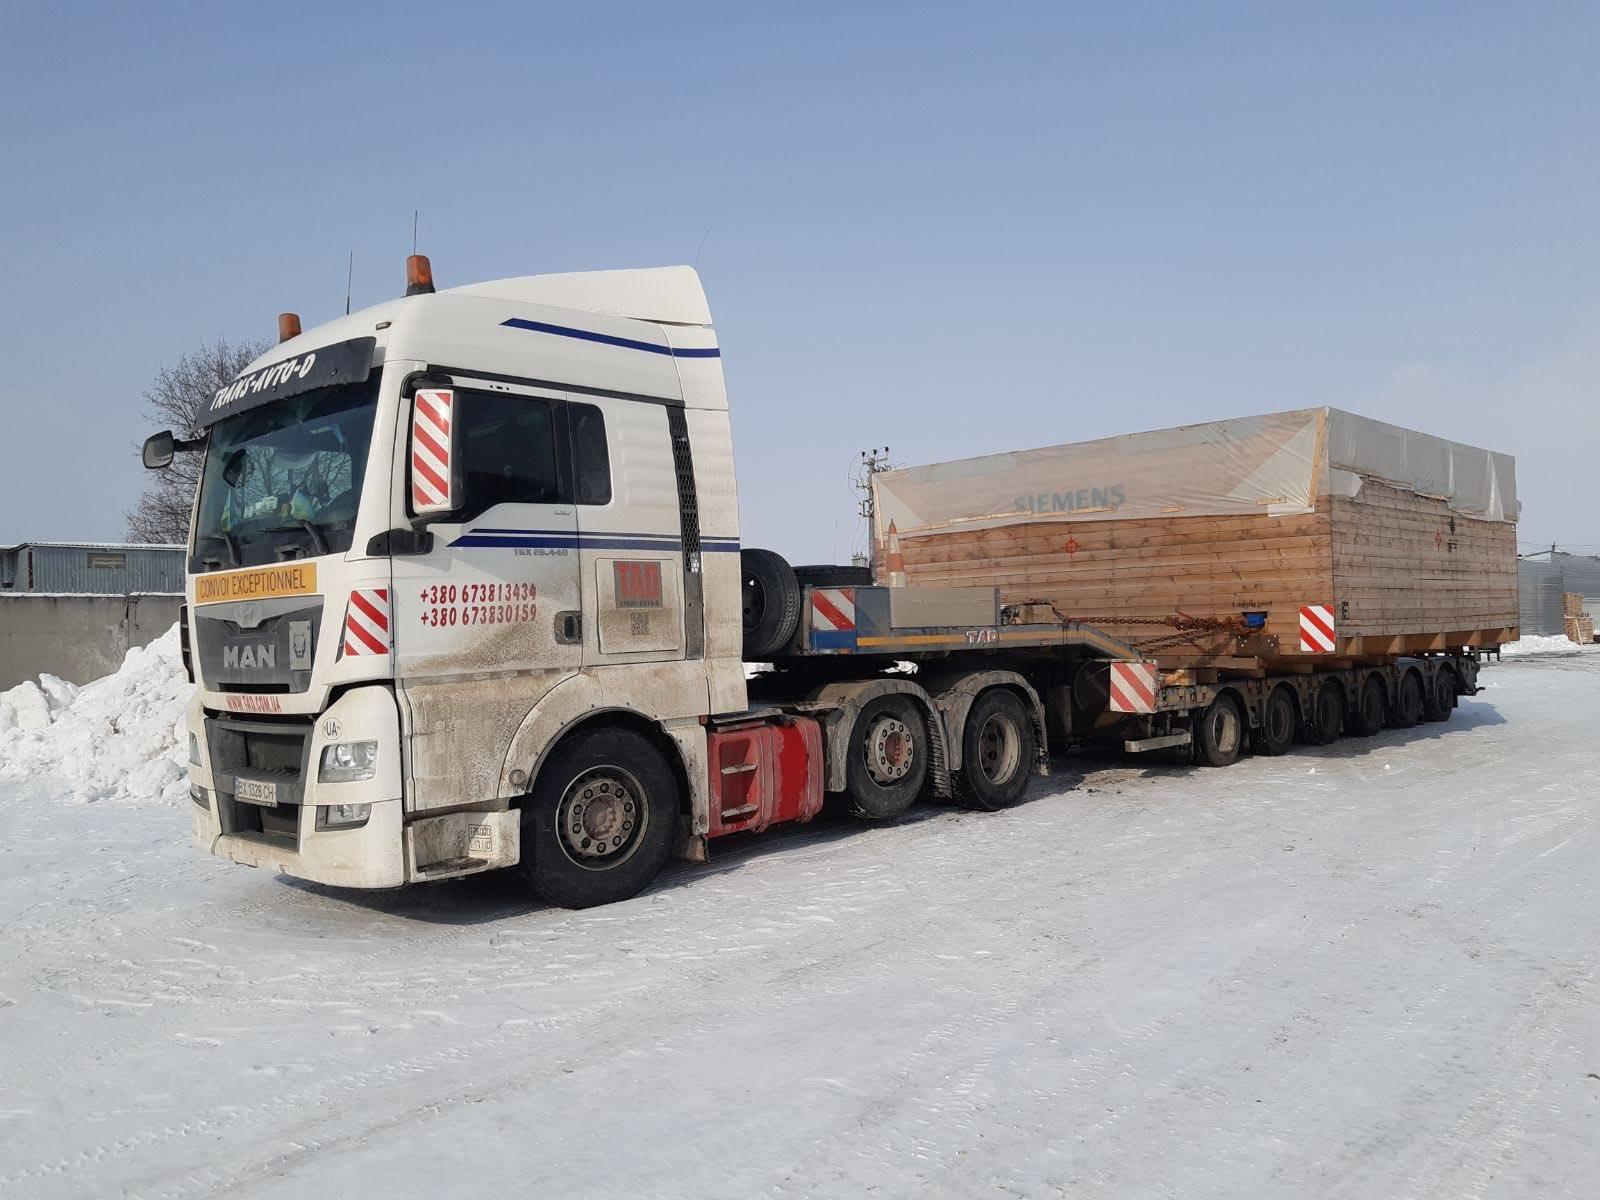 Перевозка широкого промышленного оборудования Siemens по Украине -1